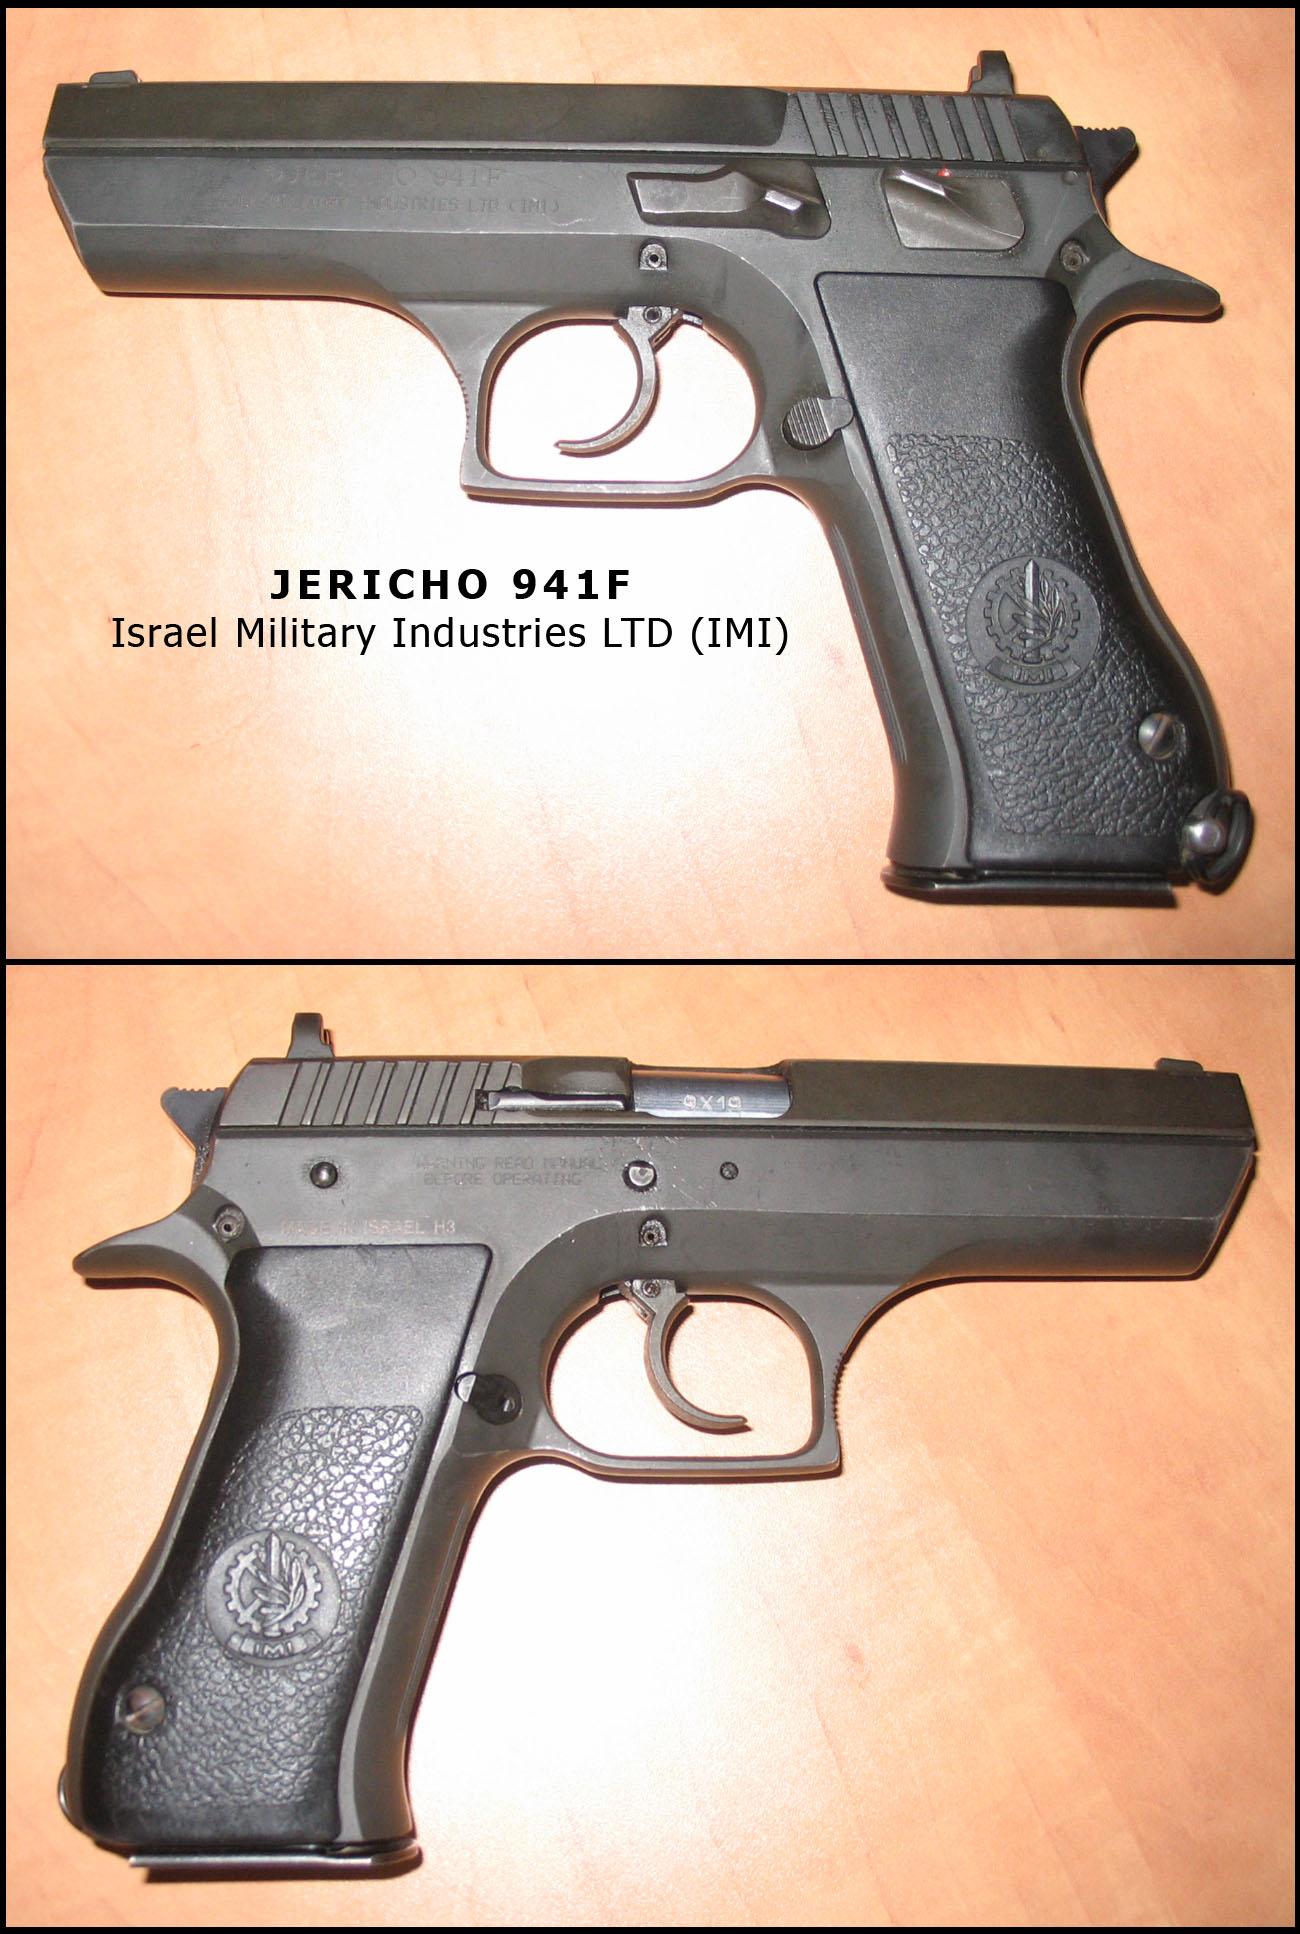 בני טל - דוגמה לאקדח יריחו